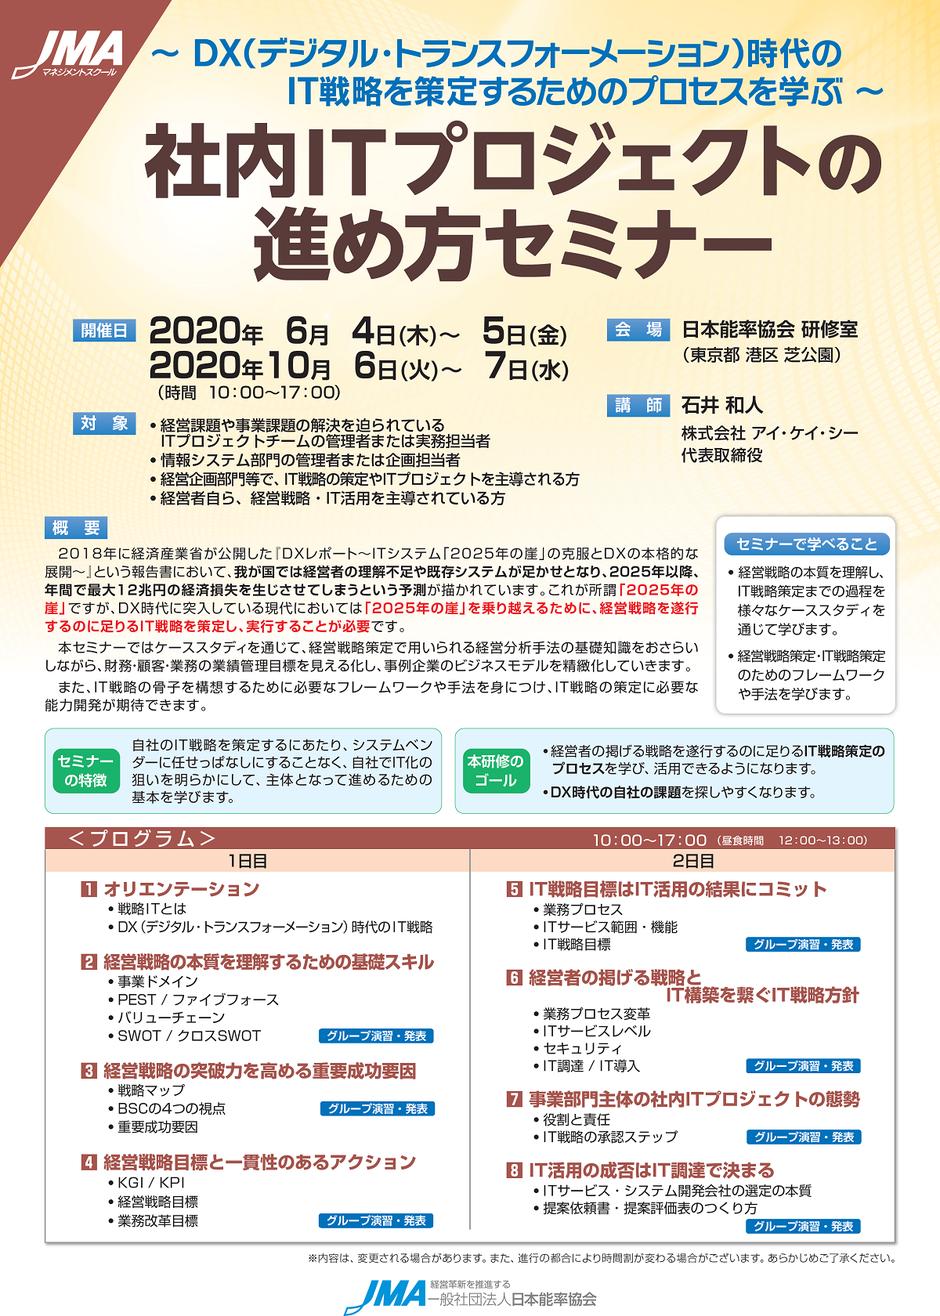 日本能率協会 社内ITプロジェクトの進め方セミナー